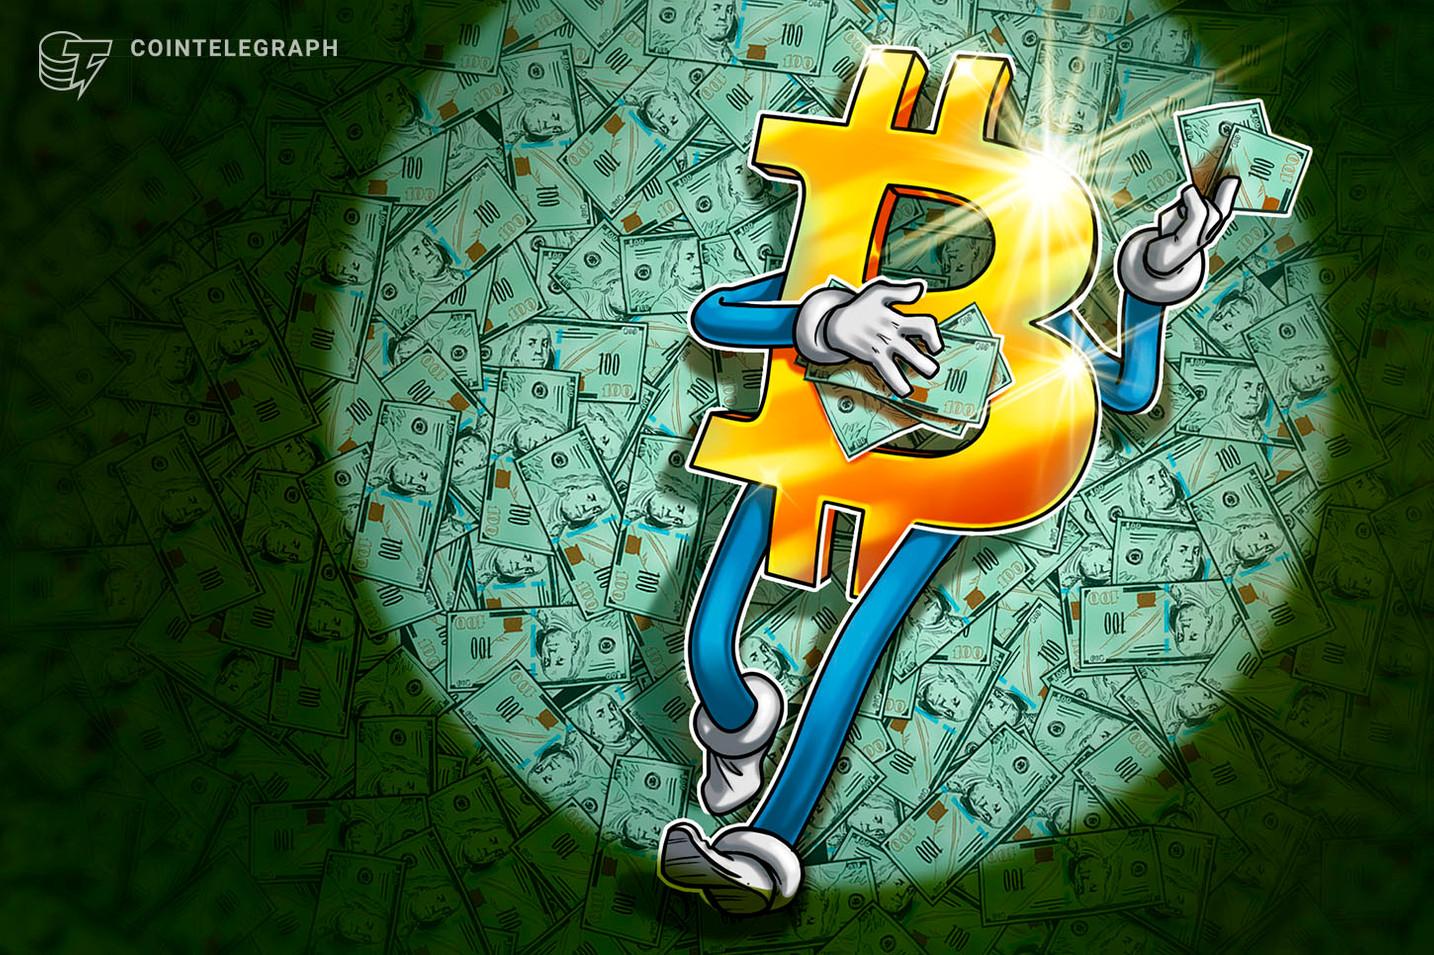 Bitcoin market cap hits new all-time high and surpasses JPMorgan at $352B